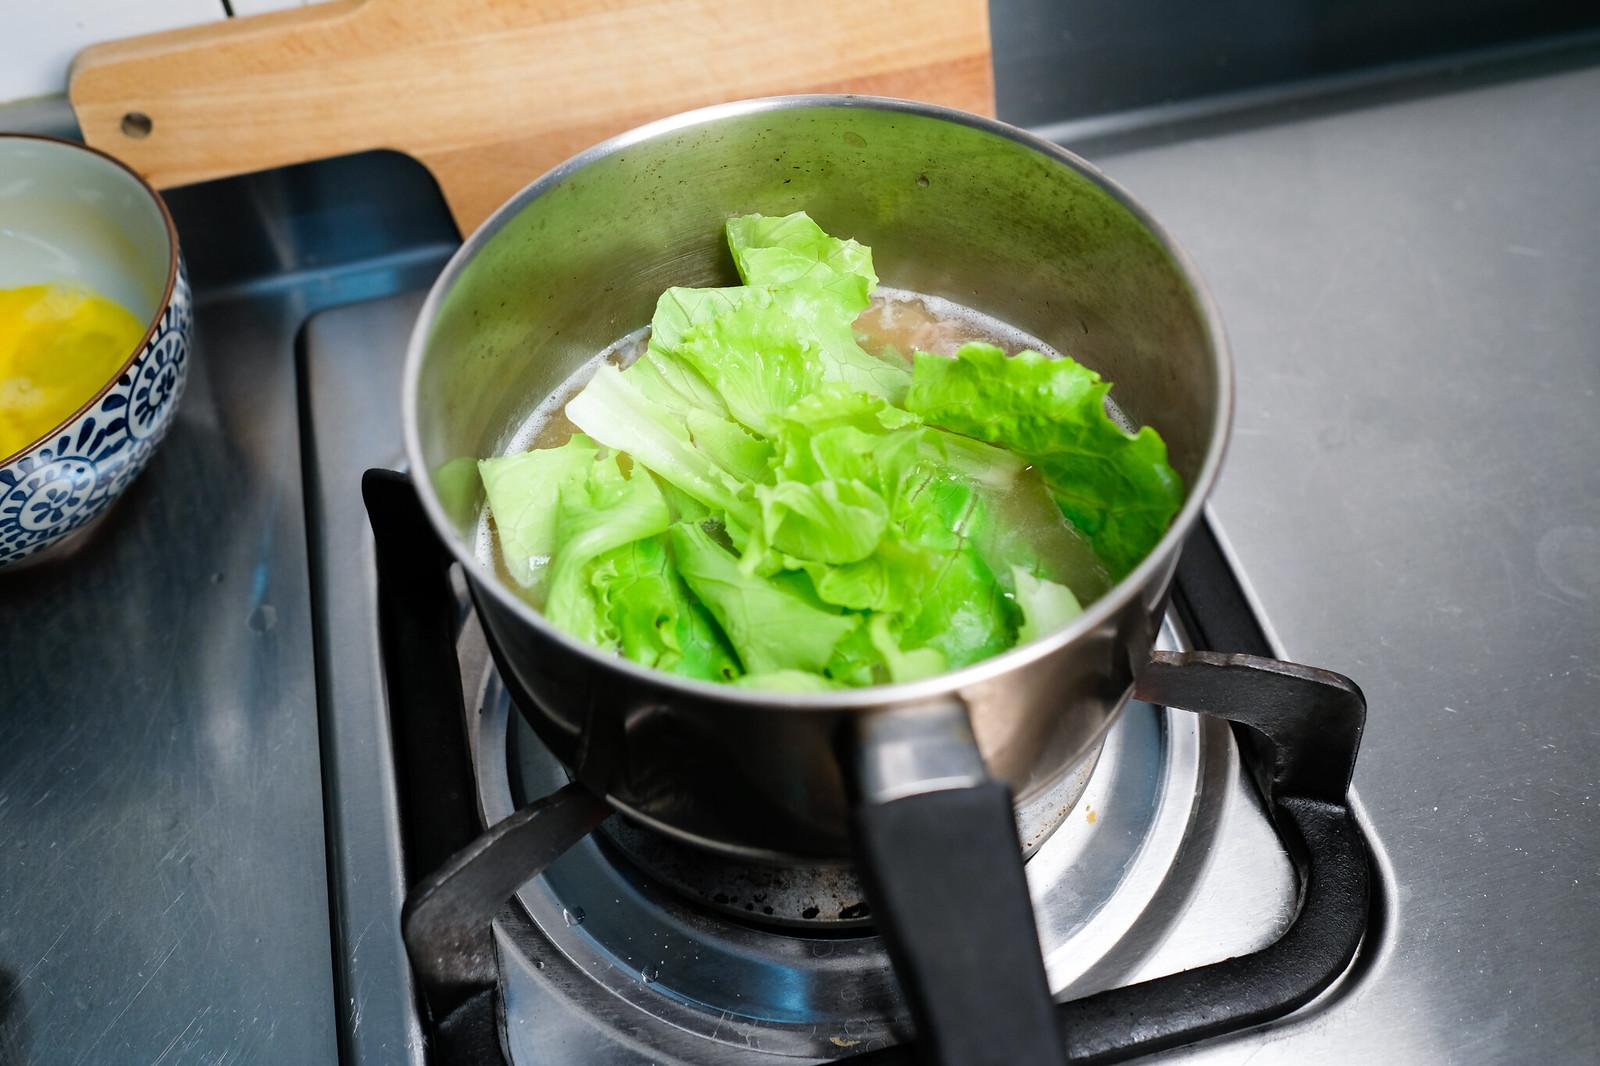 老協珍熬湯粥-牛肉蔬菜滑蛋-熬煮青菜